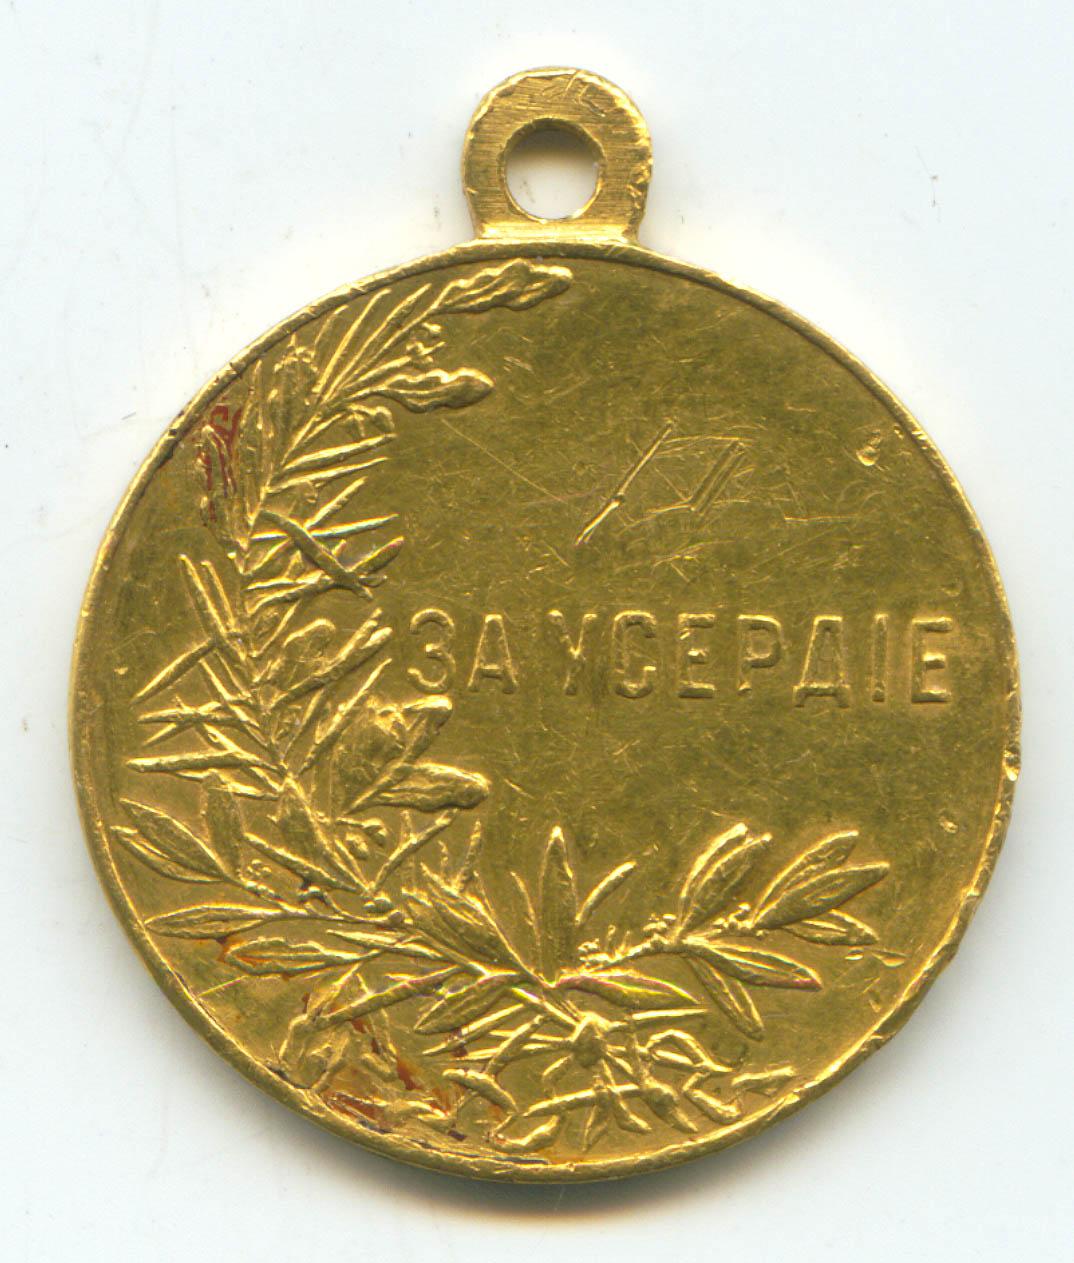 http://coins.su/forum/uploads/2013/11/17/post-30600-0-91143500-1384717525.jpg